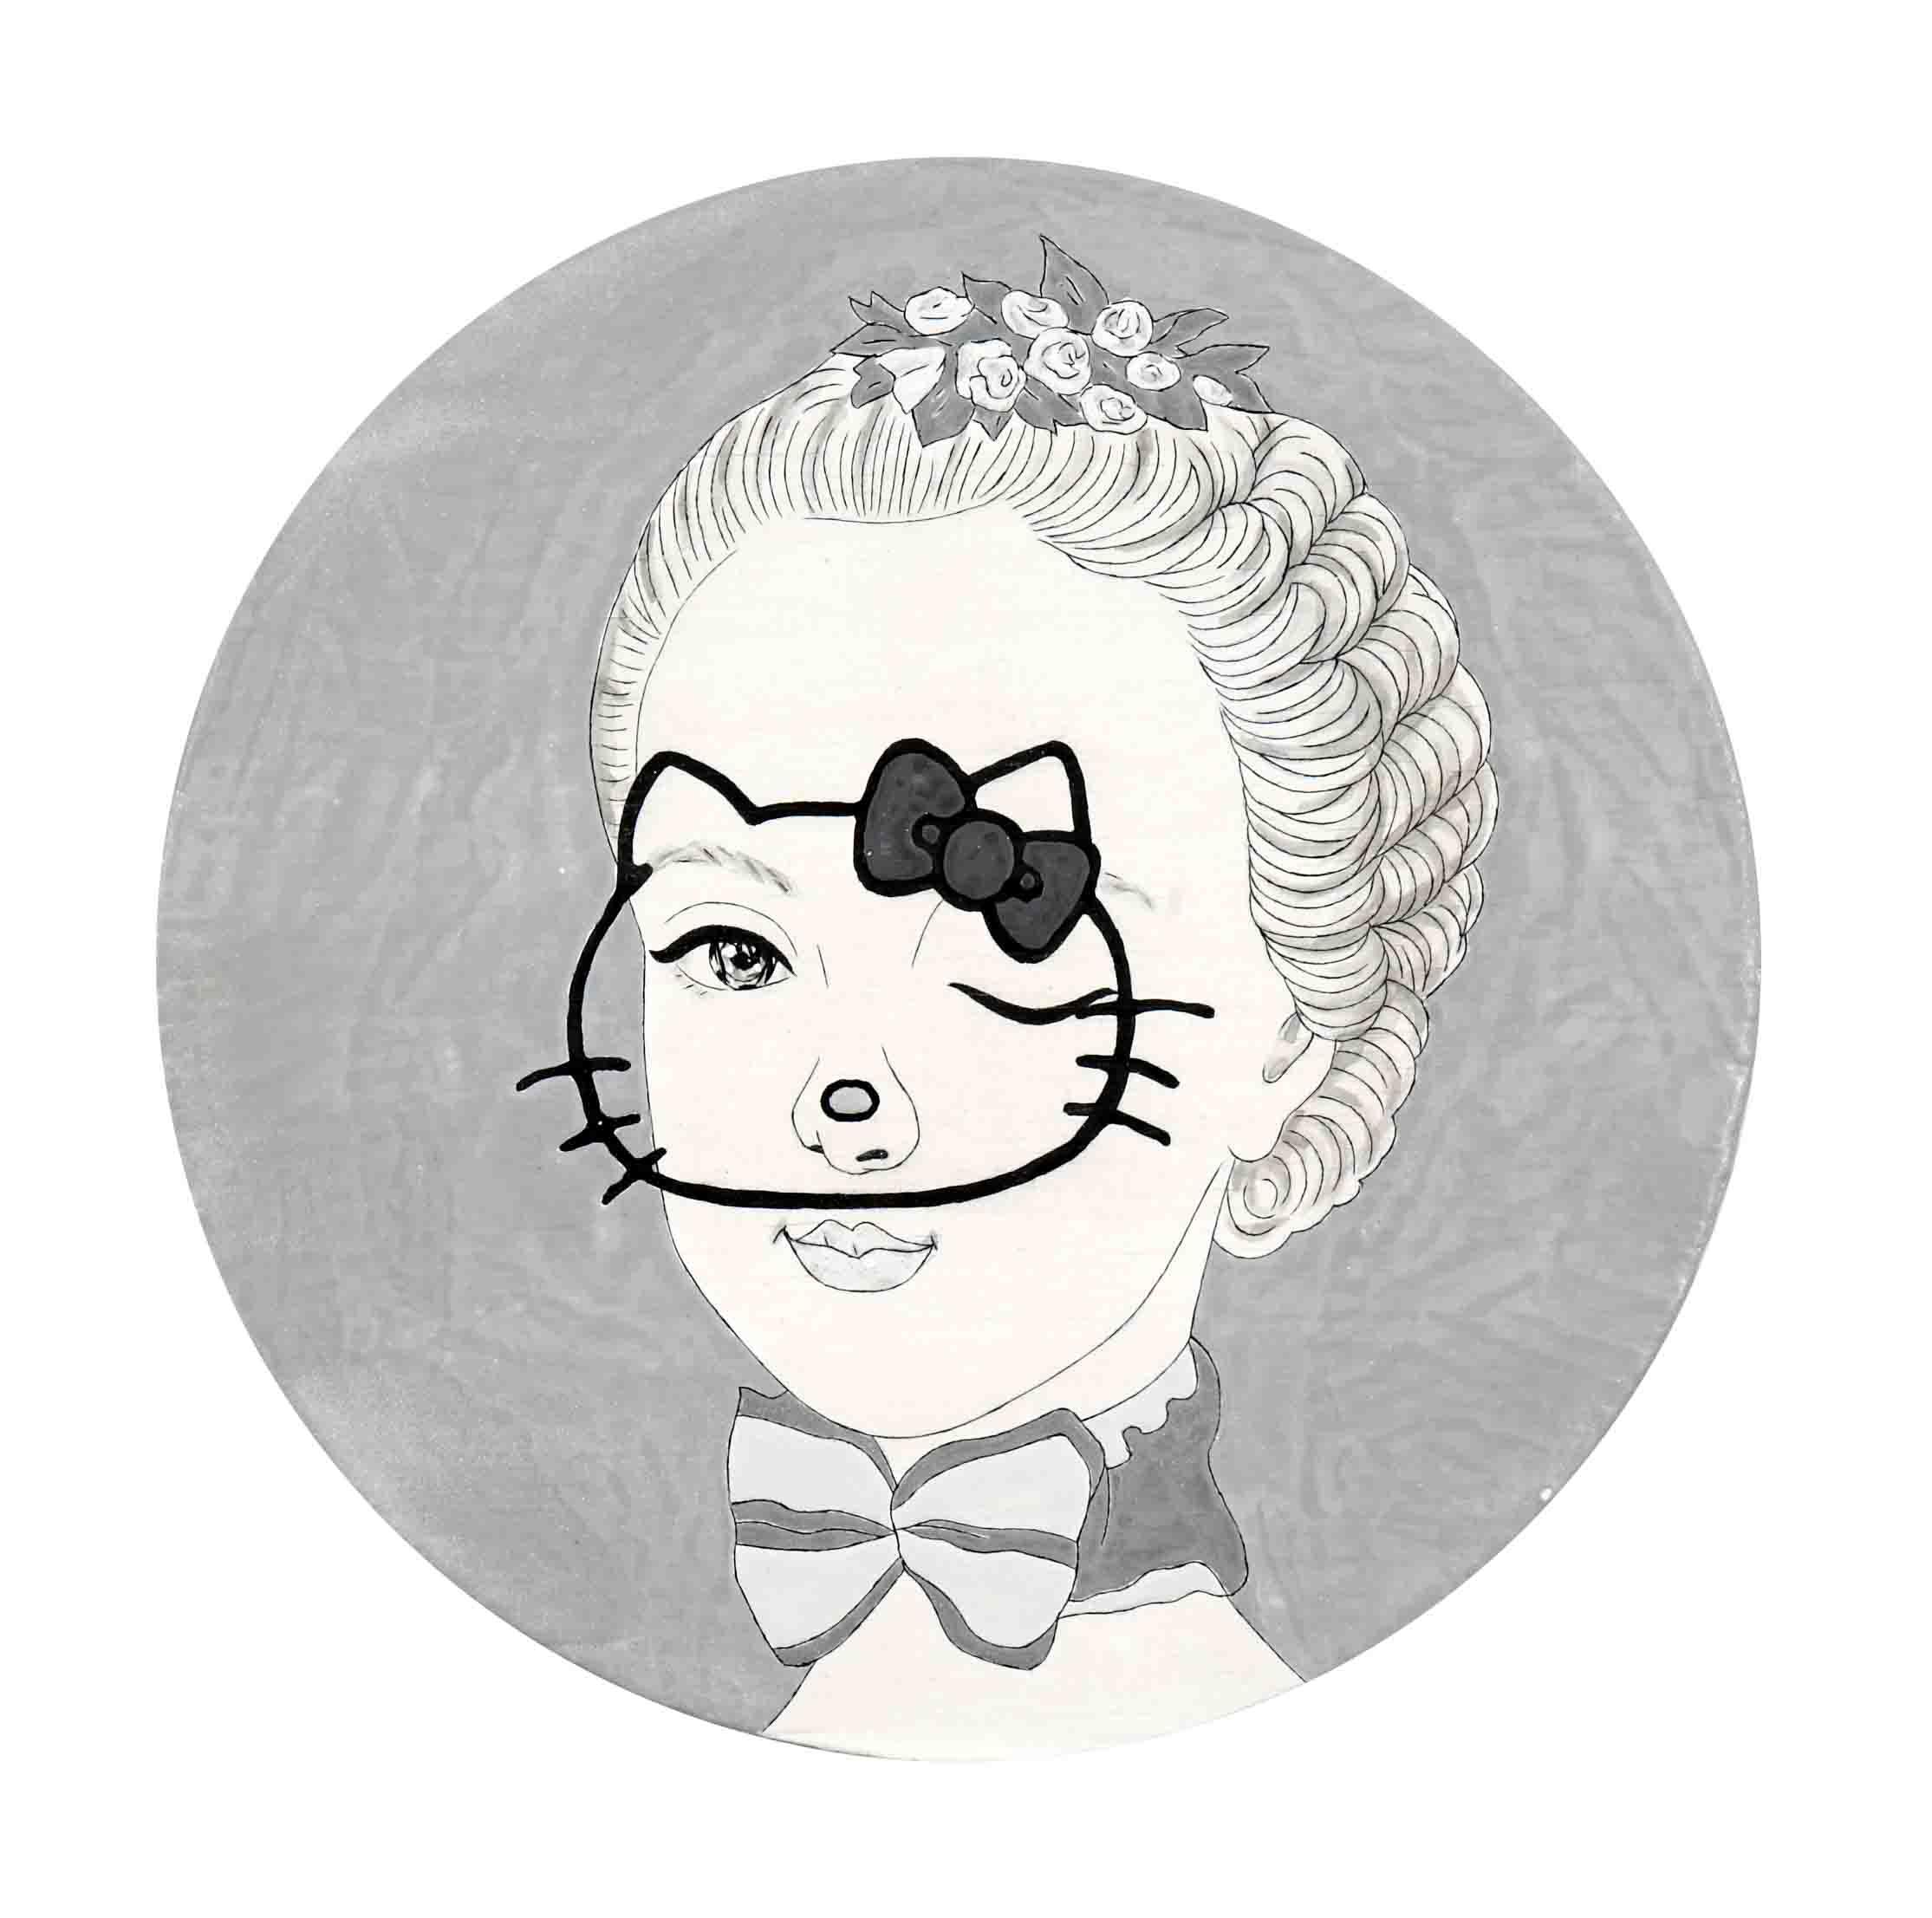 マリー少女キティー1